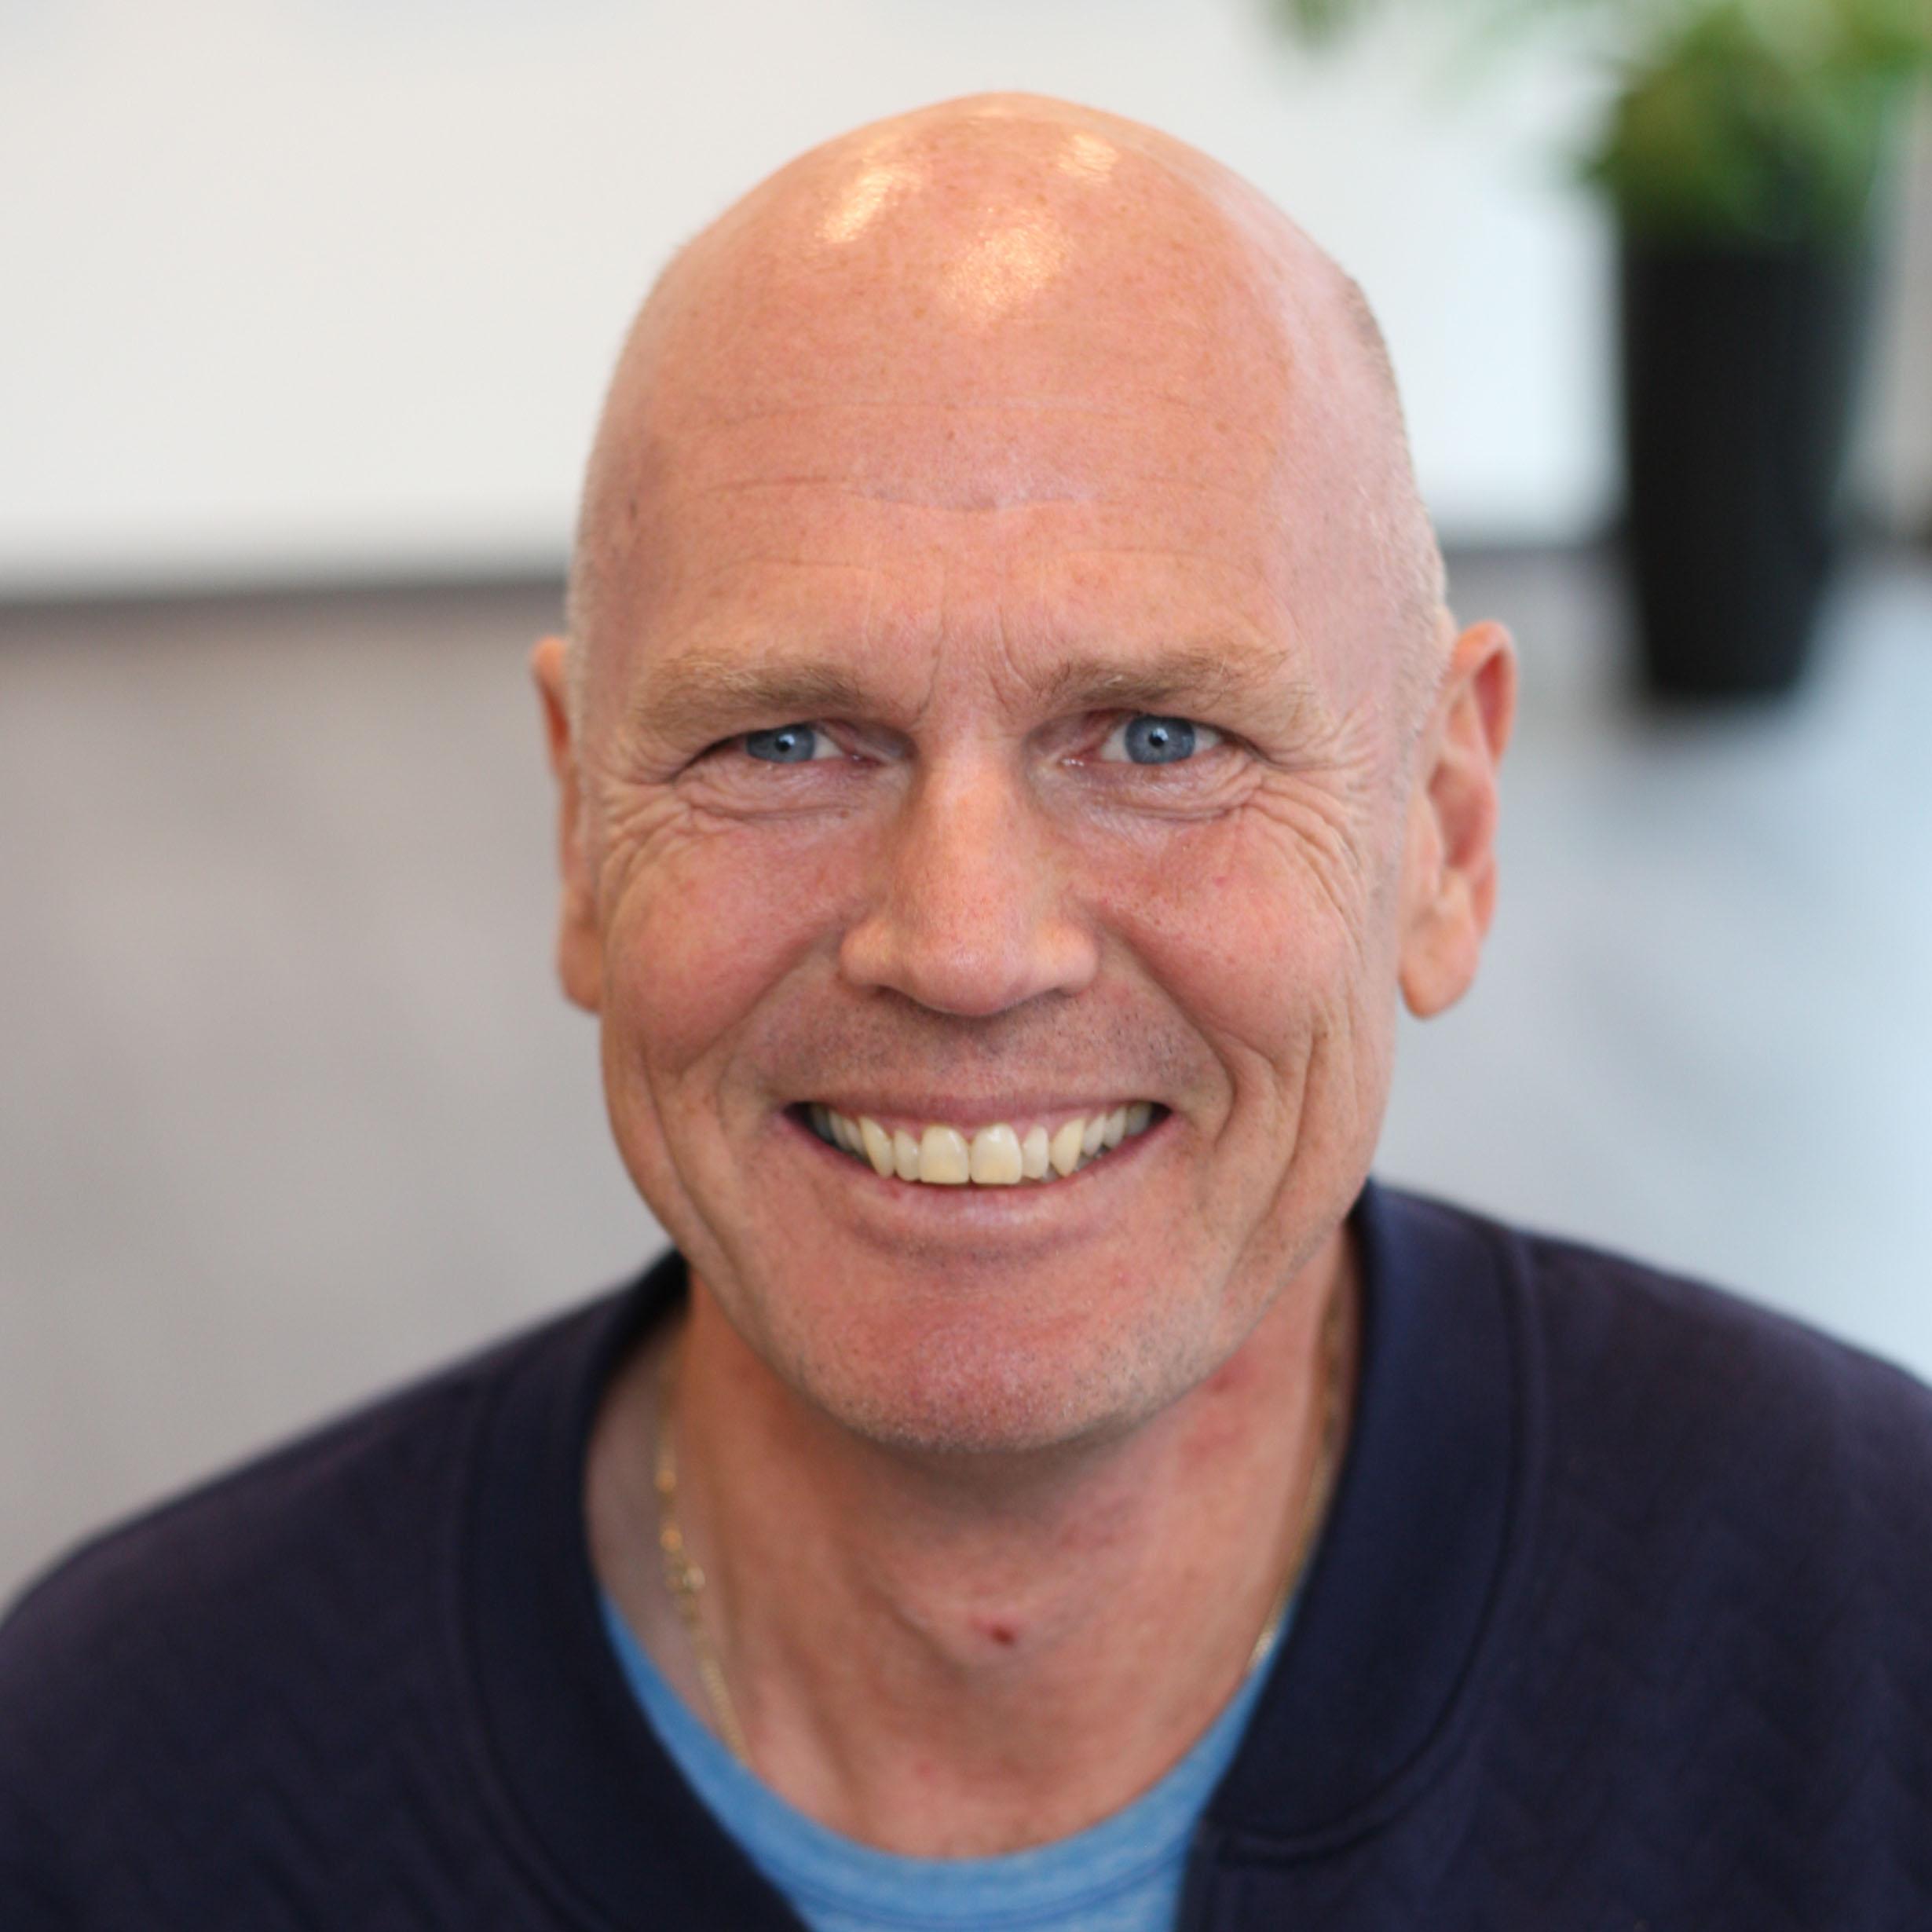 Jonny Kaspersen's photo